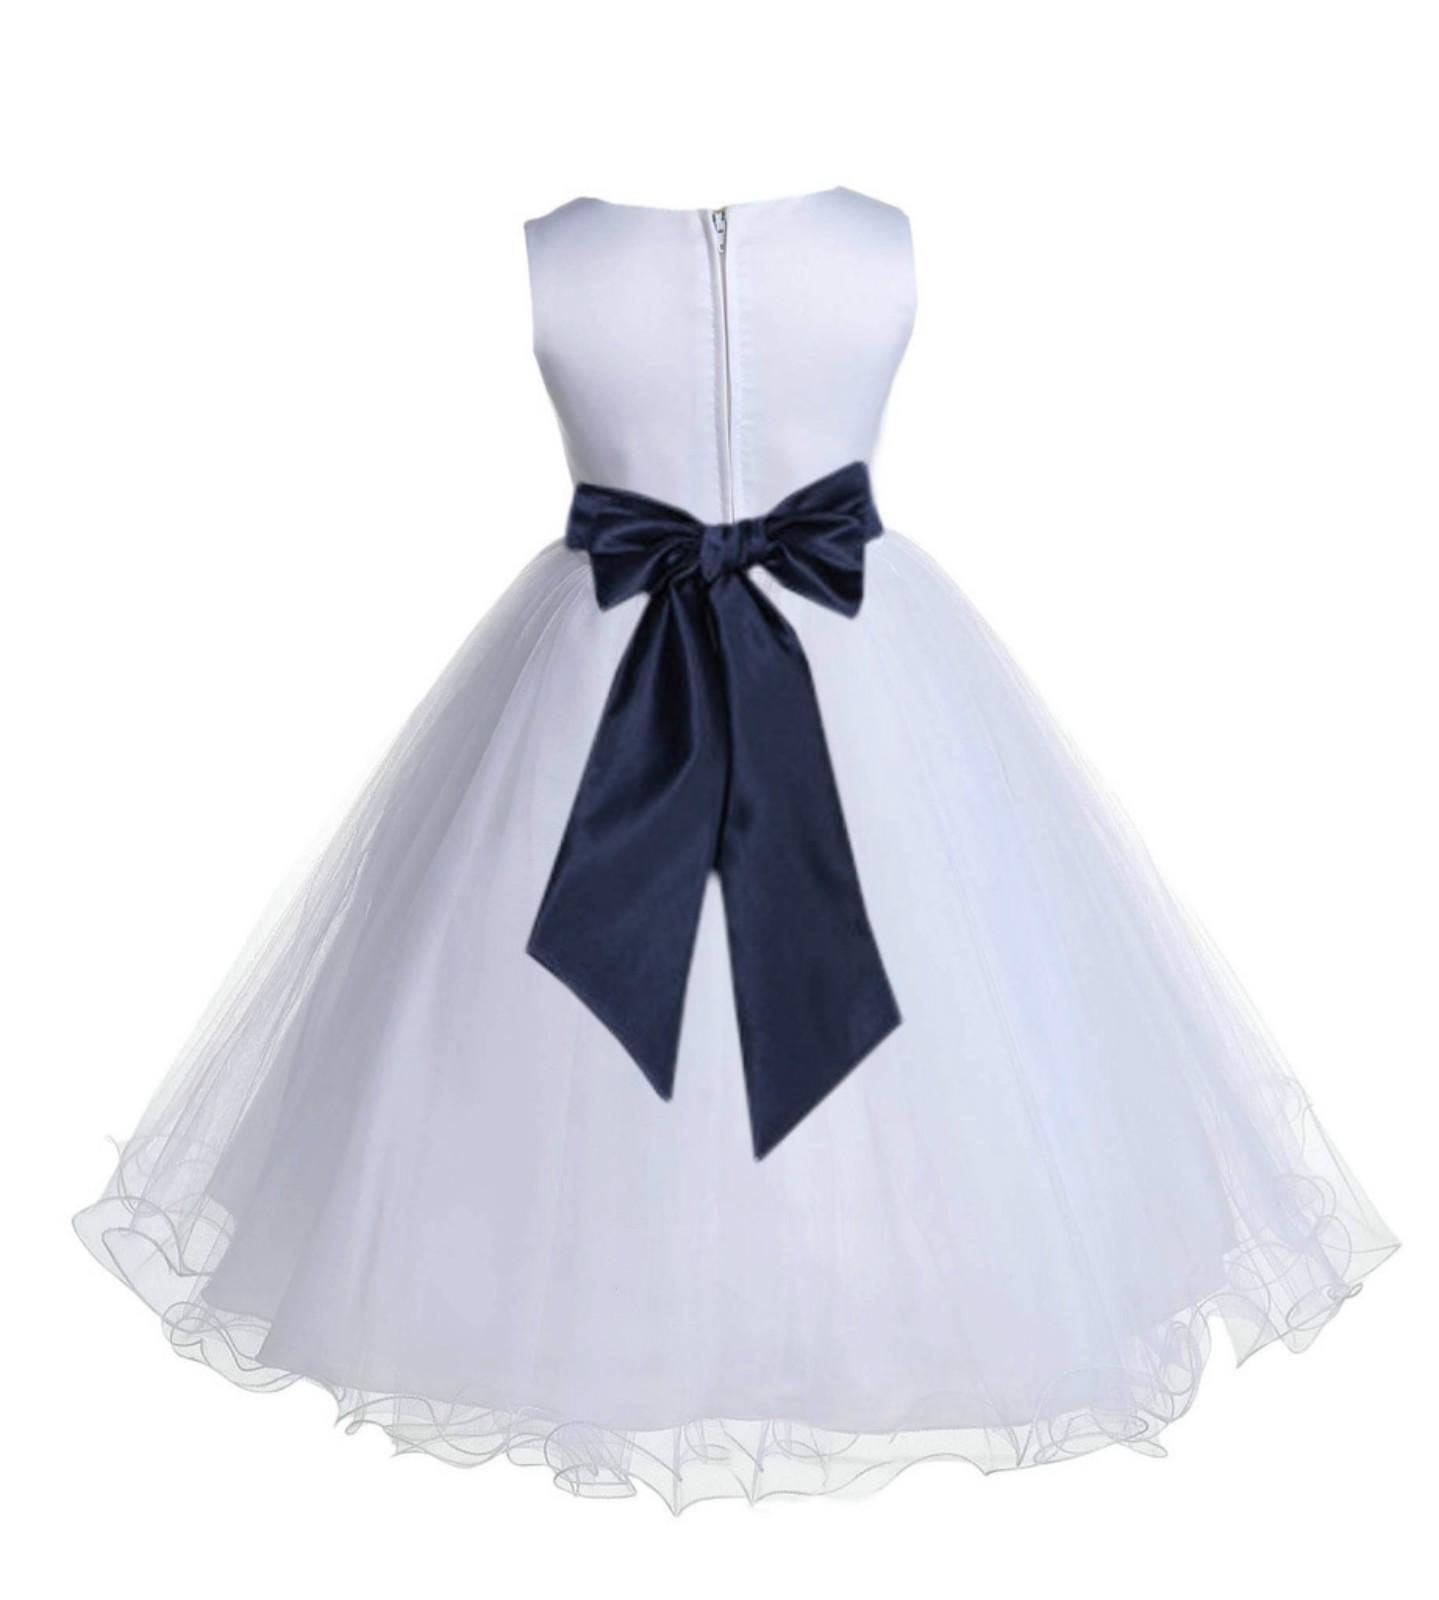 White/Midnight Tulle Rattail Edge Flower Girl Dress Wedding Bridal 829S